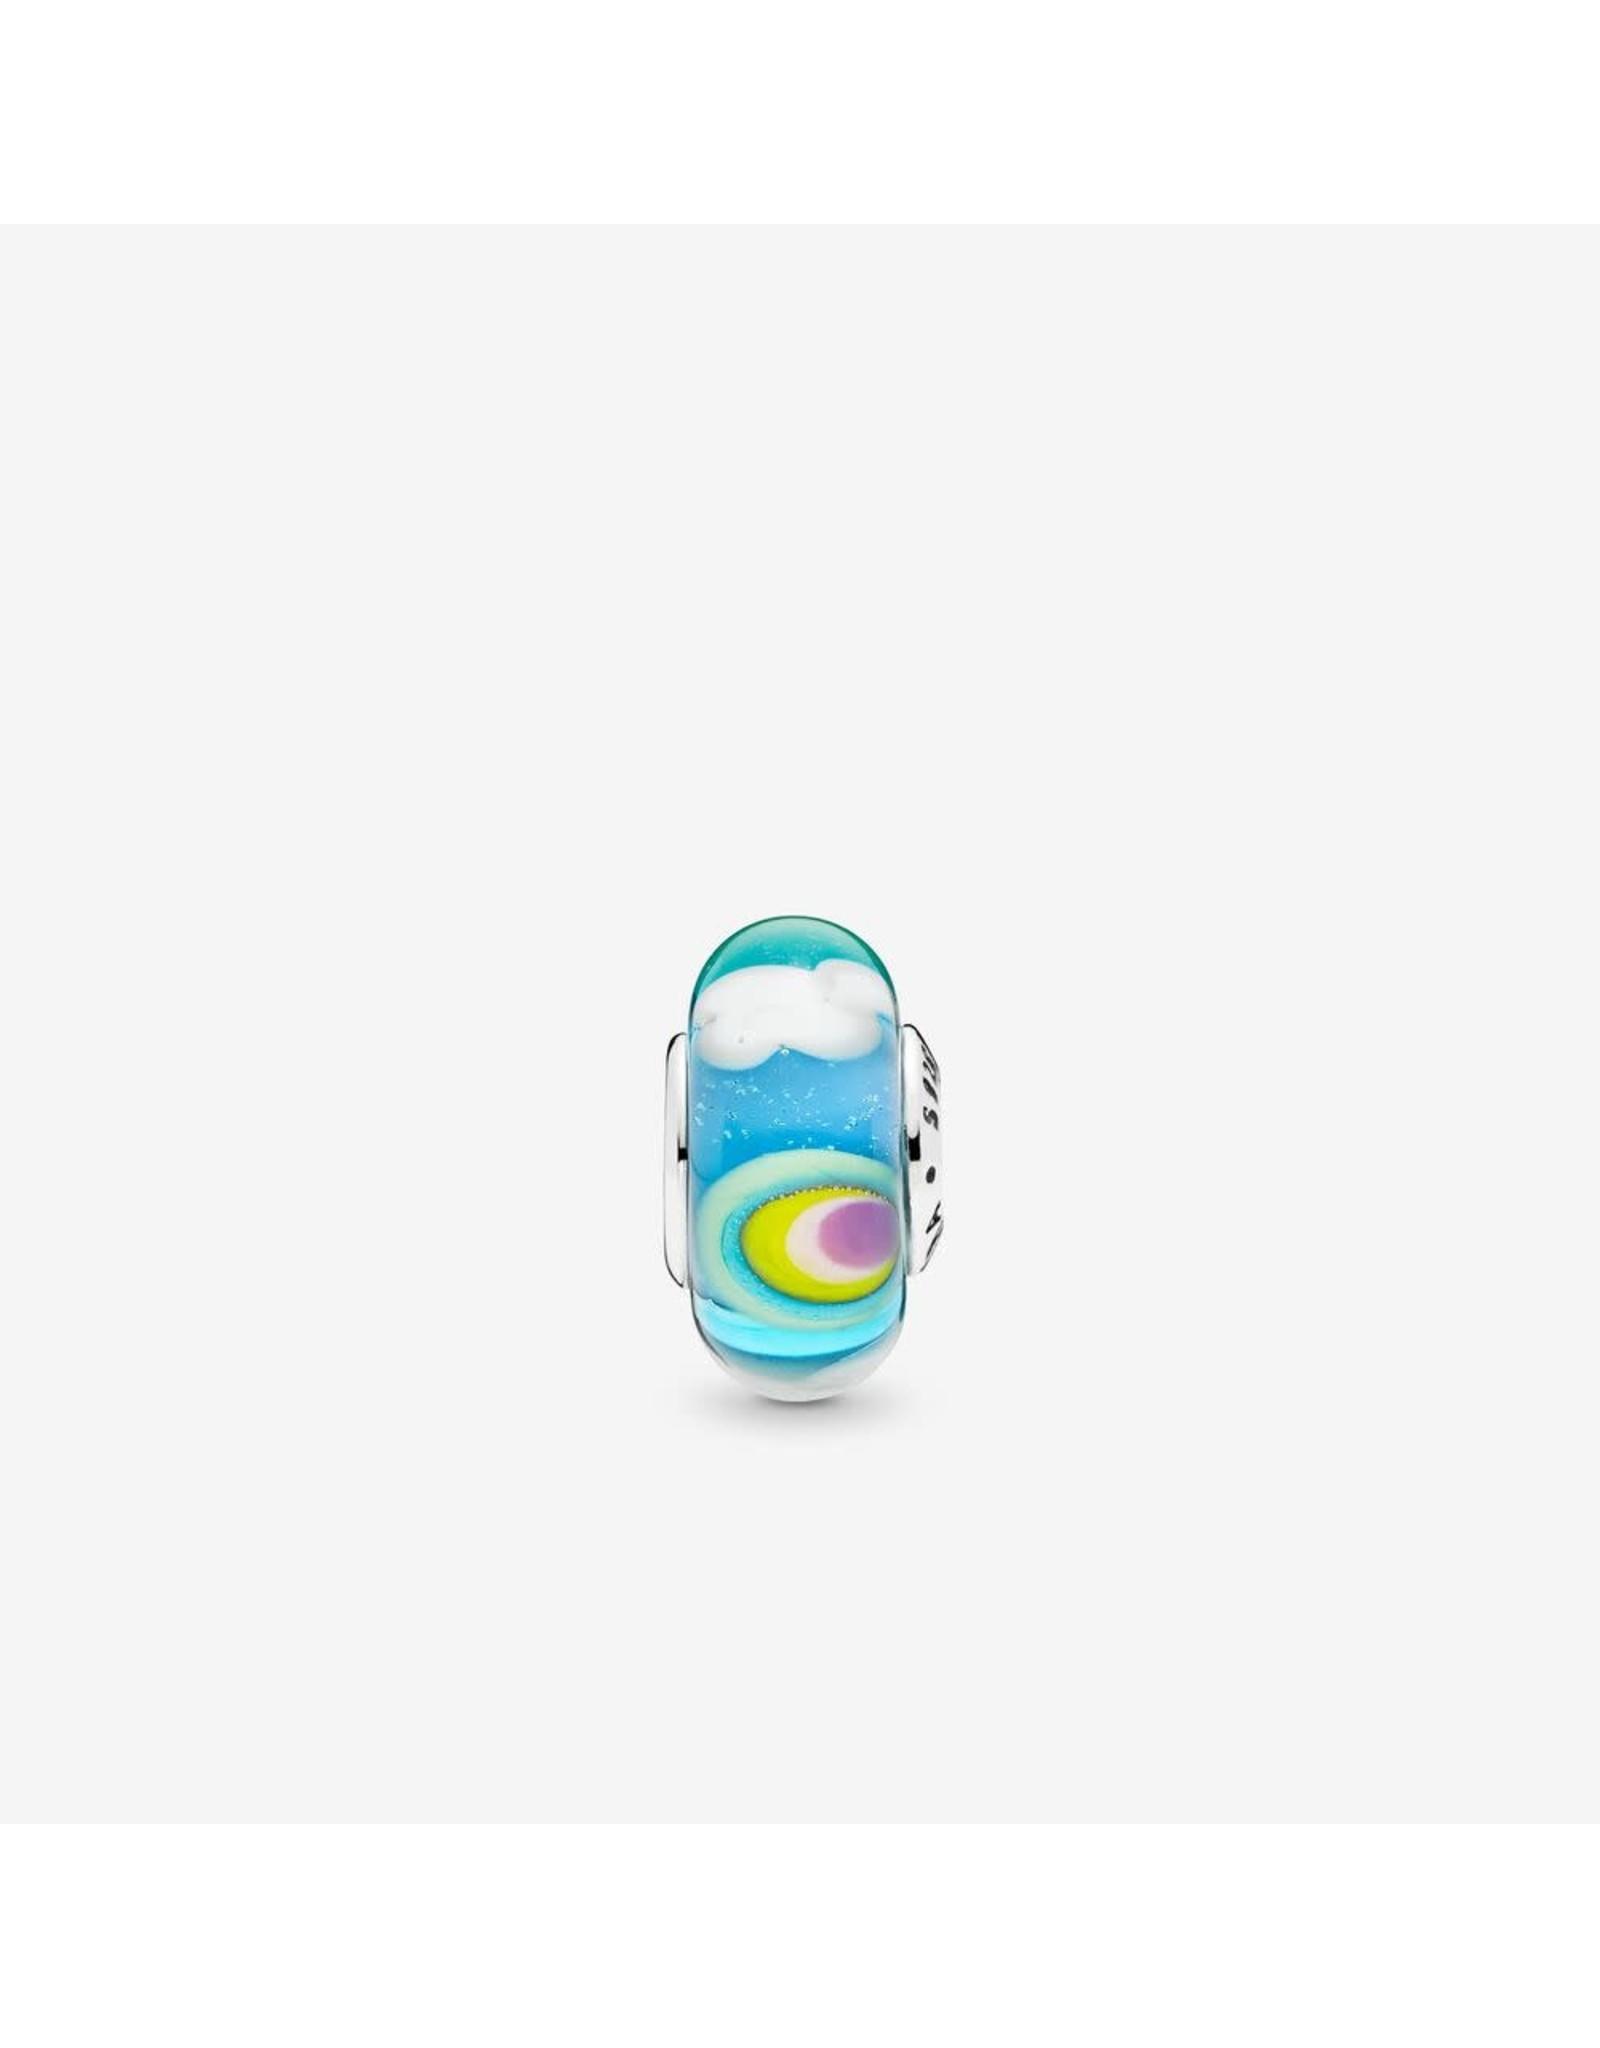 Pandora Pandora Murano Charm, Iridescent Rainbow Glass